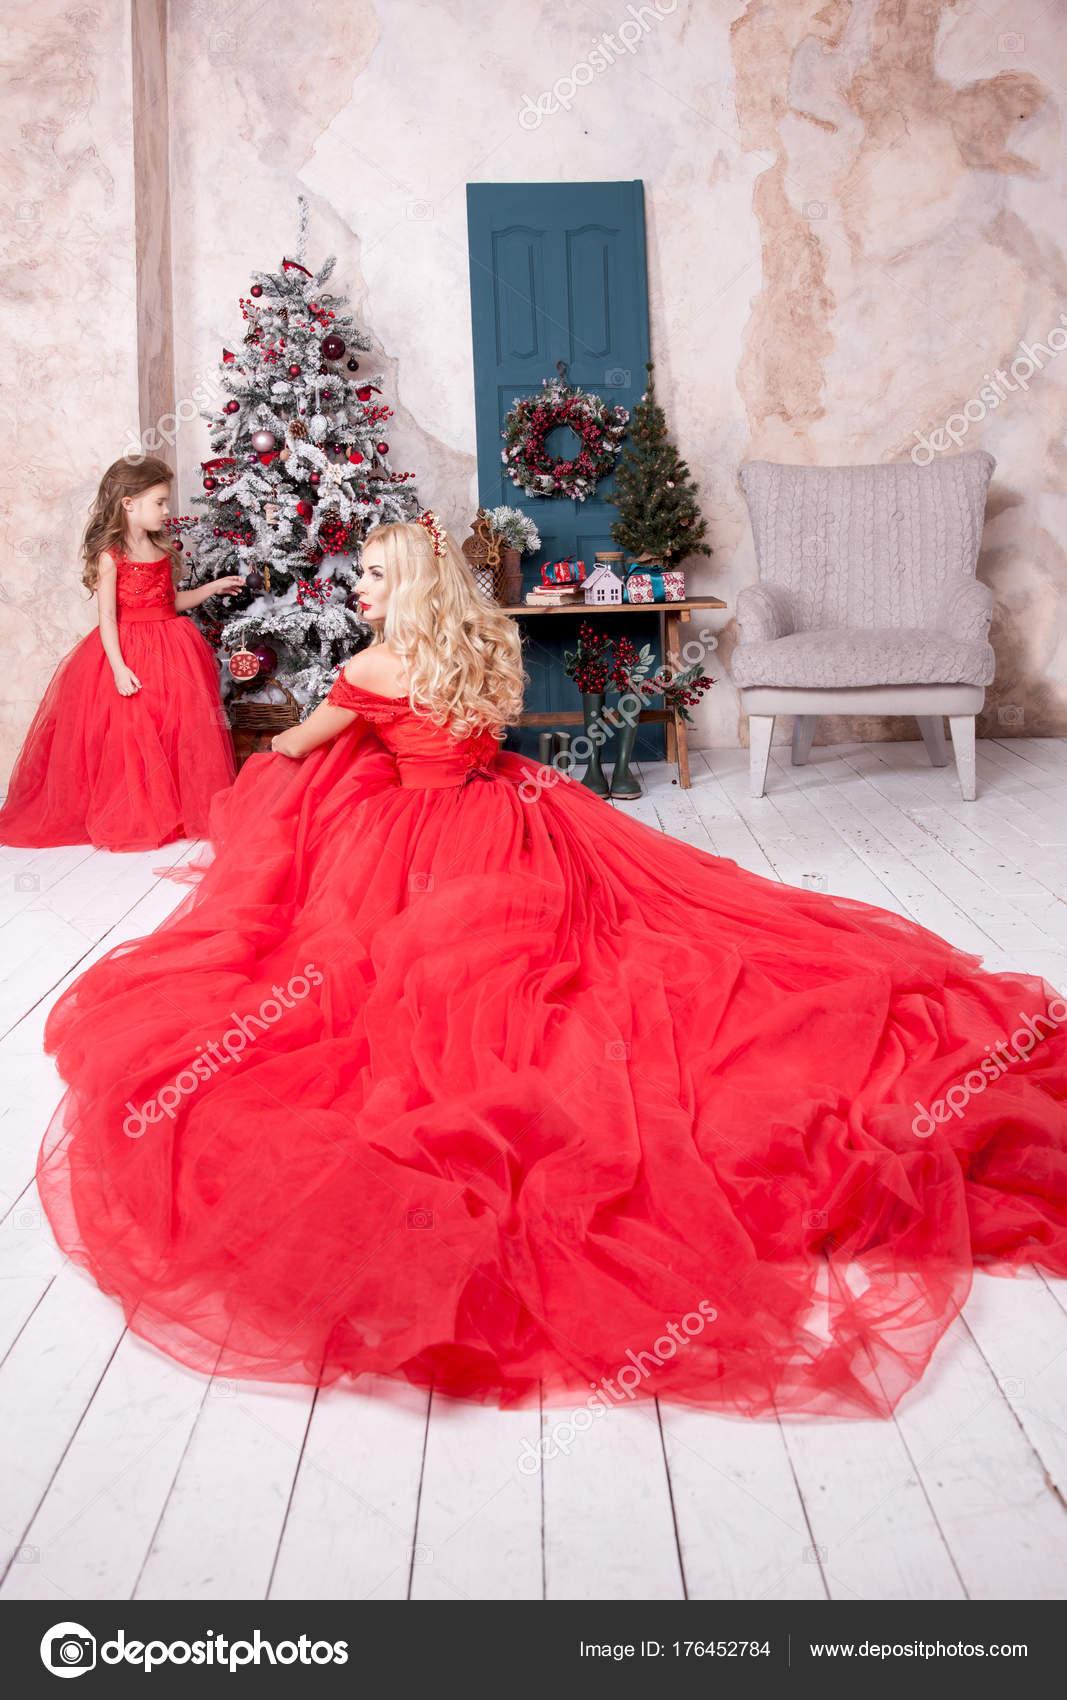 da9342d62a16 Μαμά Και Κόρη Φορώντας Κόκκινα Γιορτινά Φορέματα Άσπρο Σπίτι Εσωτερικό — Φωτογραφία  Αρχείου